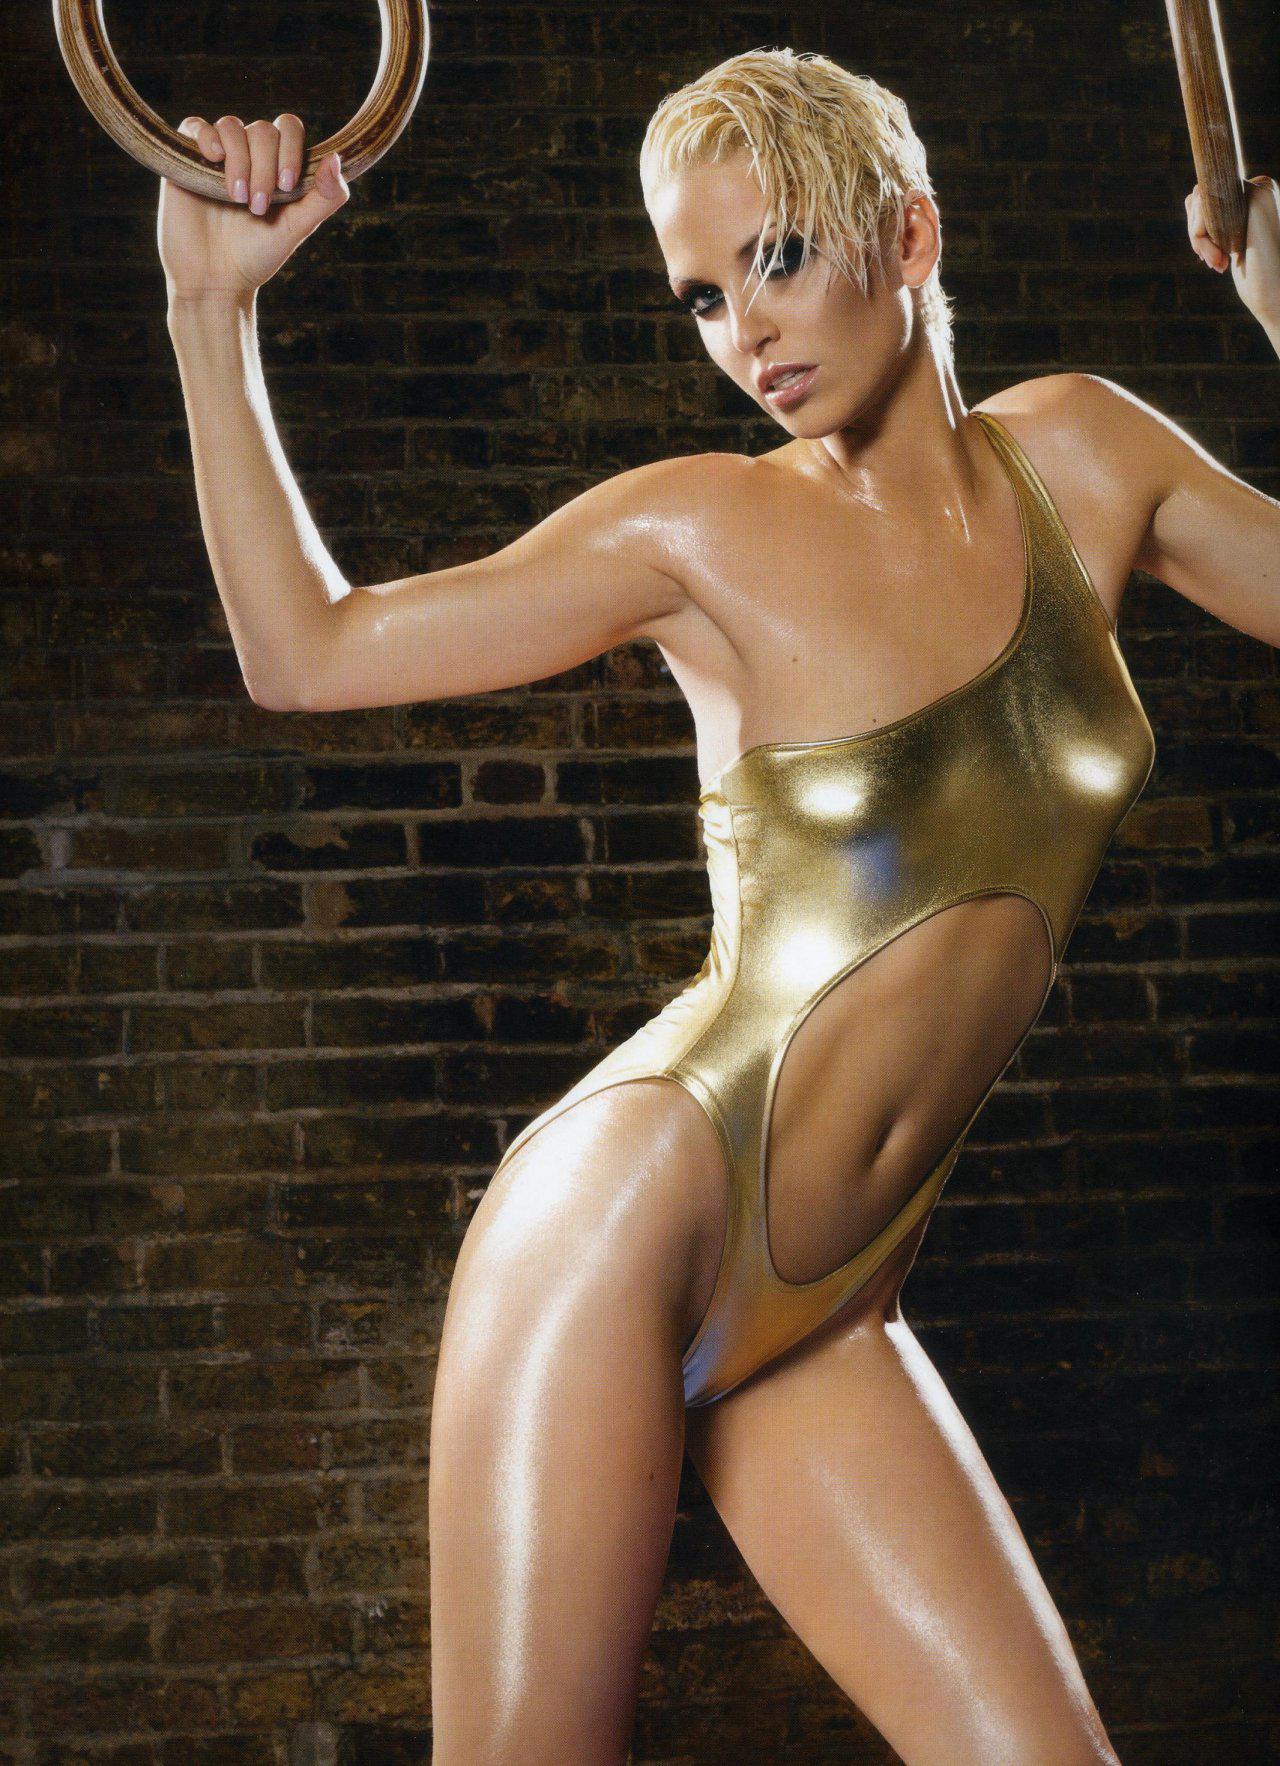 sarah harding hot nudes